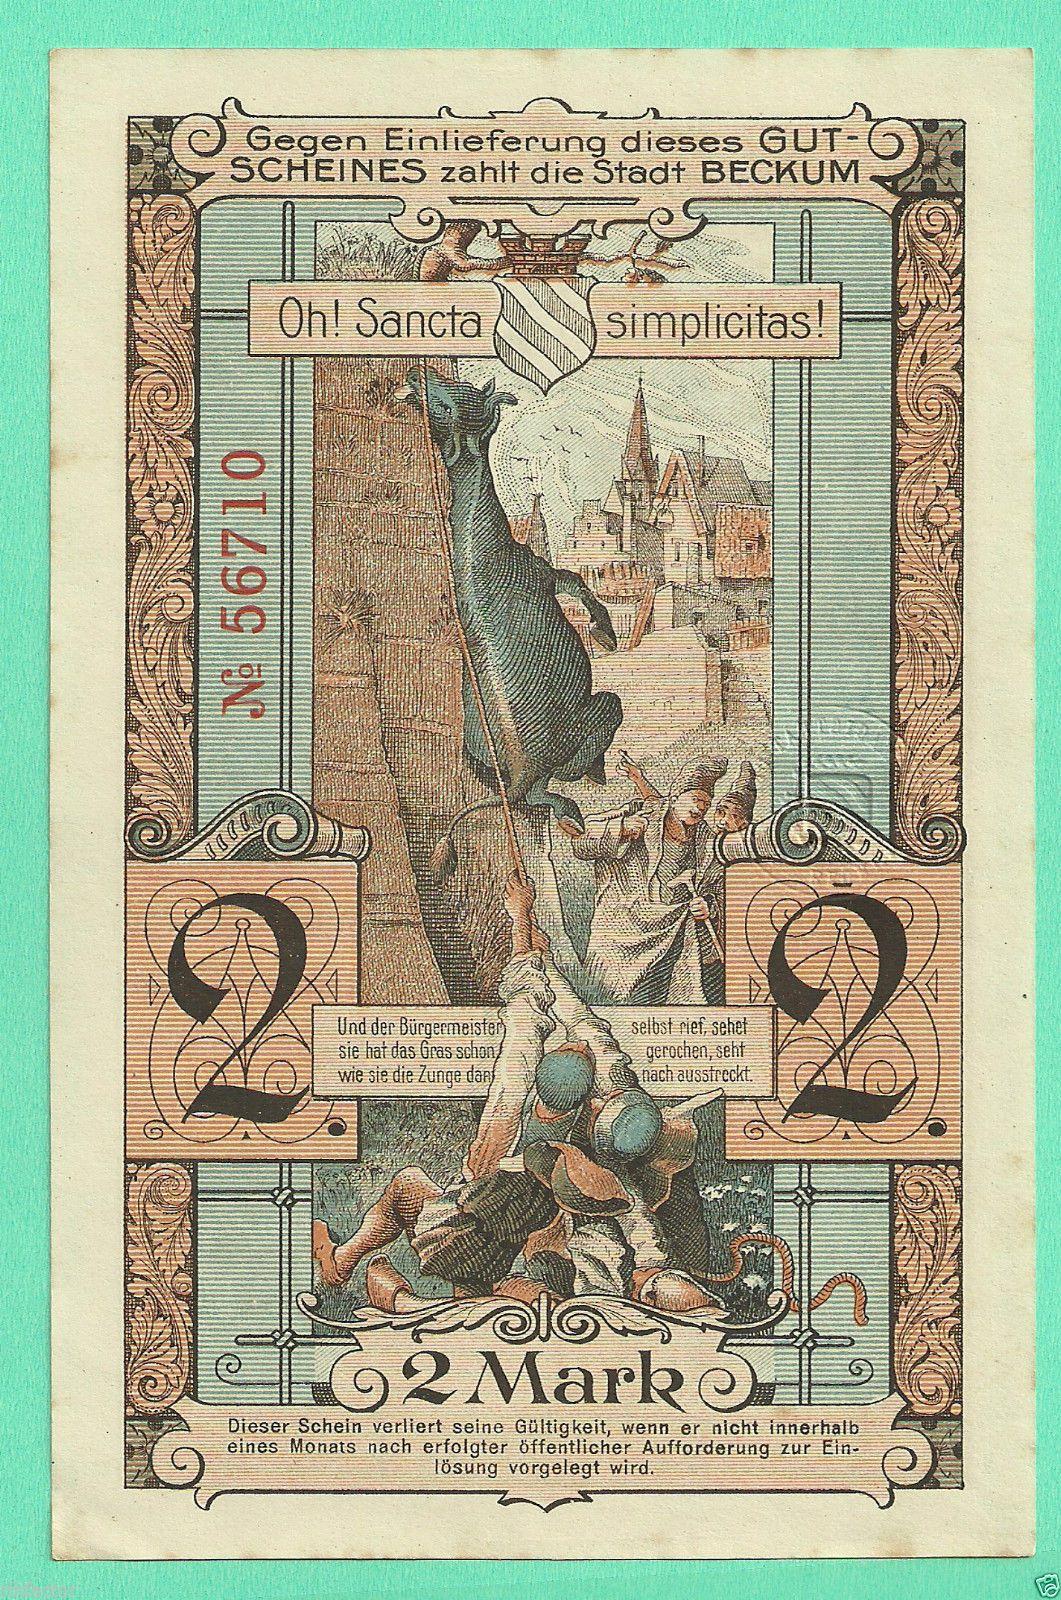 GERMANY Beckum 1918, 2 Mark, LARGE NOTGELD Vintage world